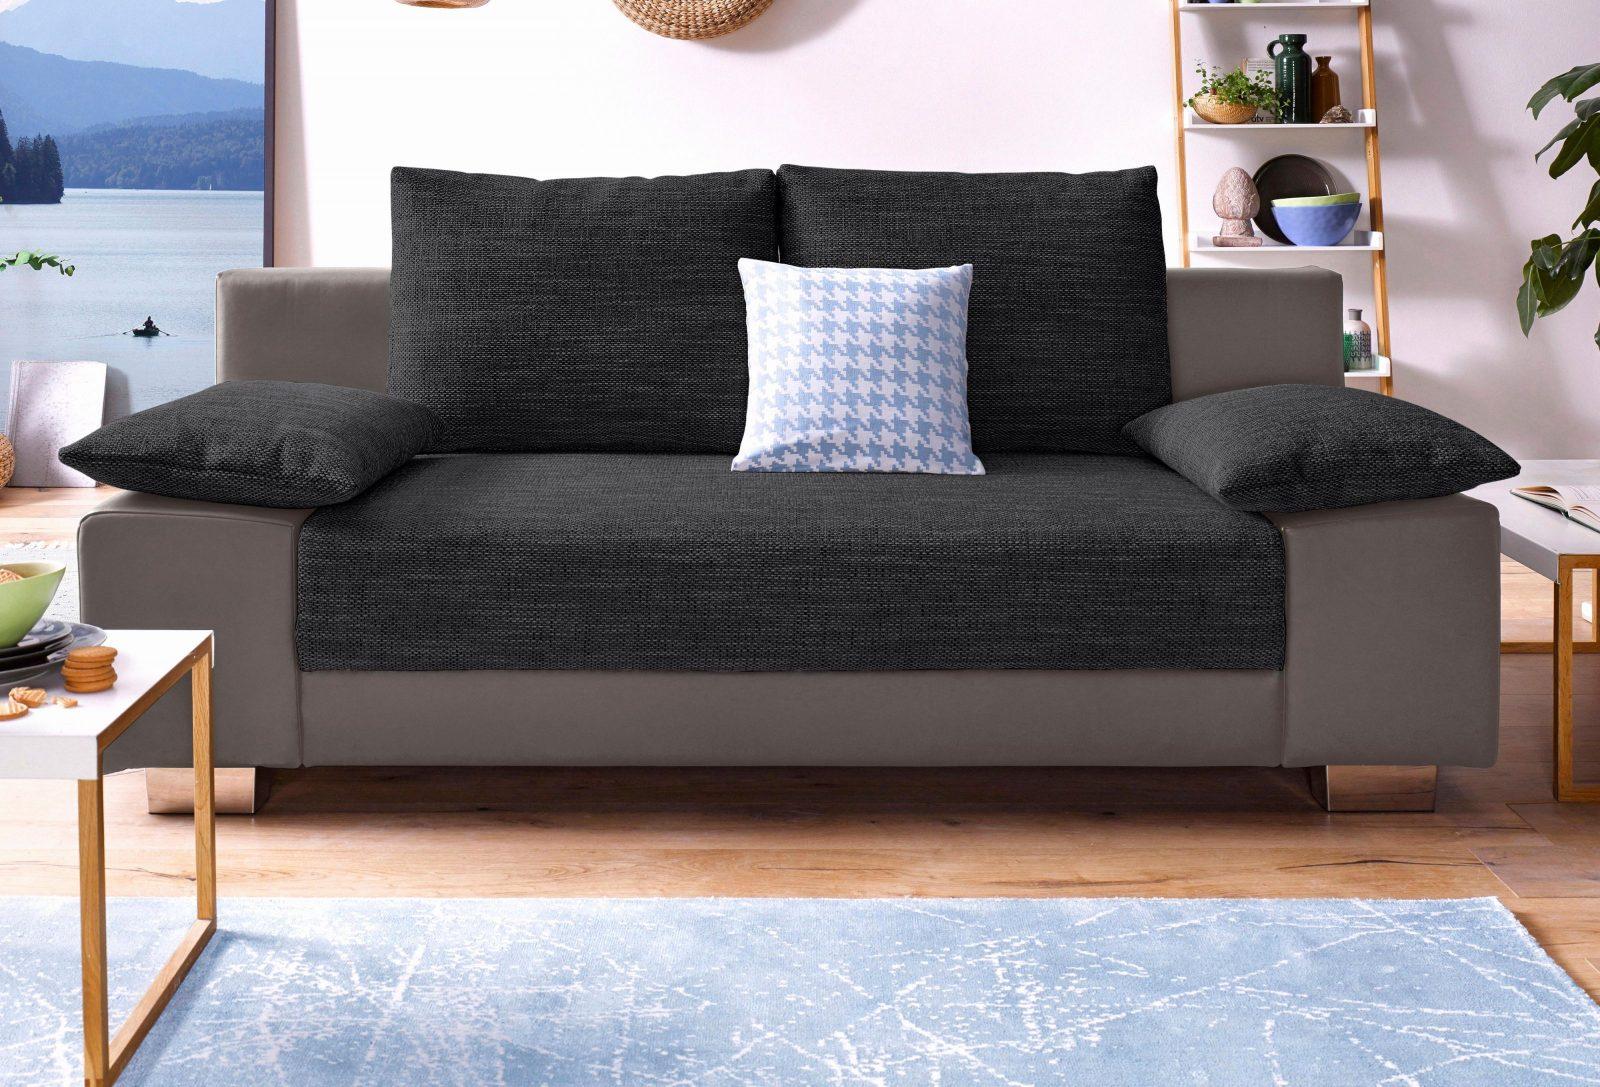 Möbel Und Grundrisse  Qmerdesign von Sofa Auf Raten Kaufen Trotz Schufa Bild